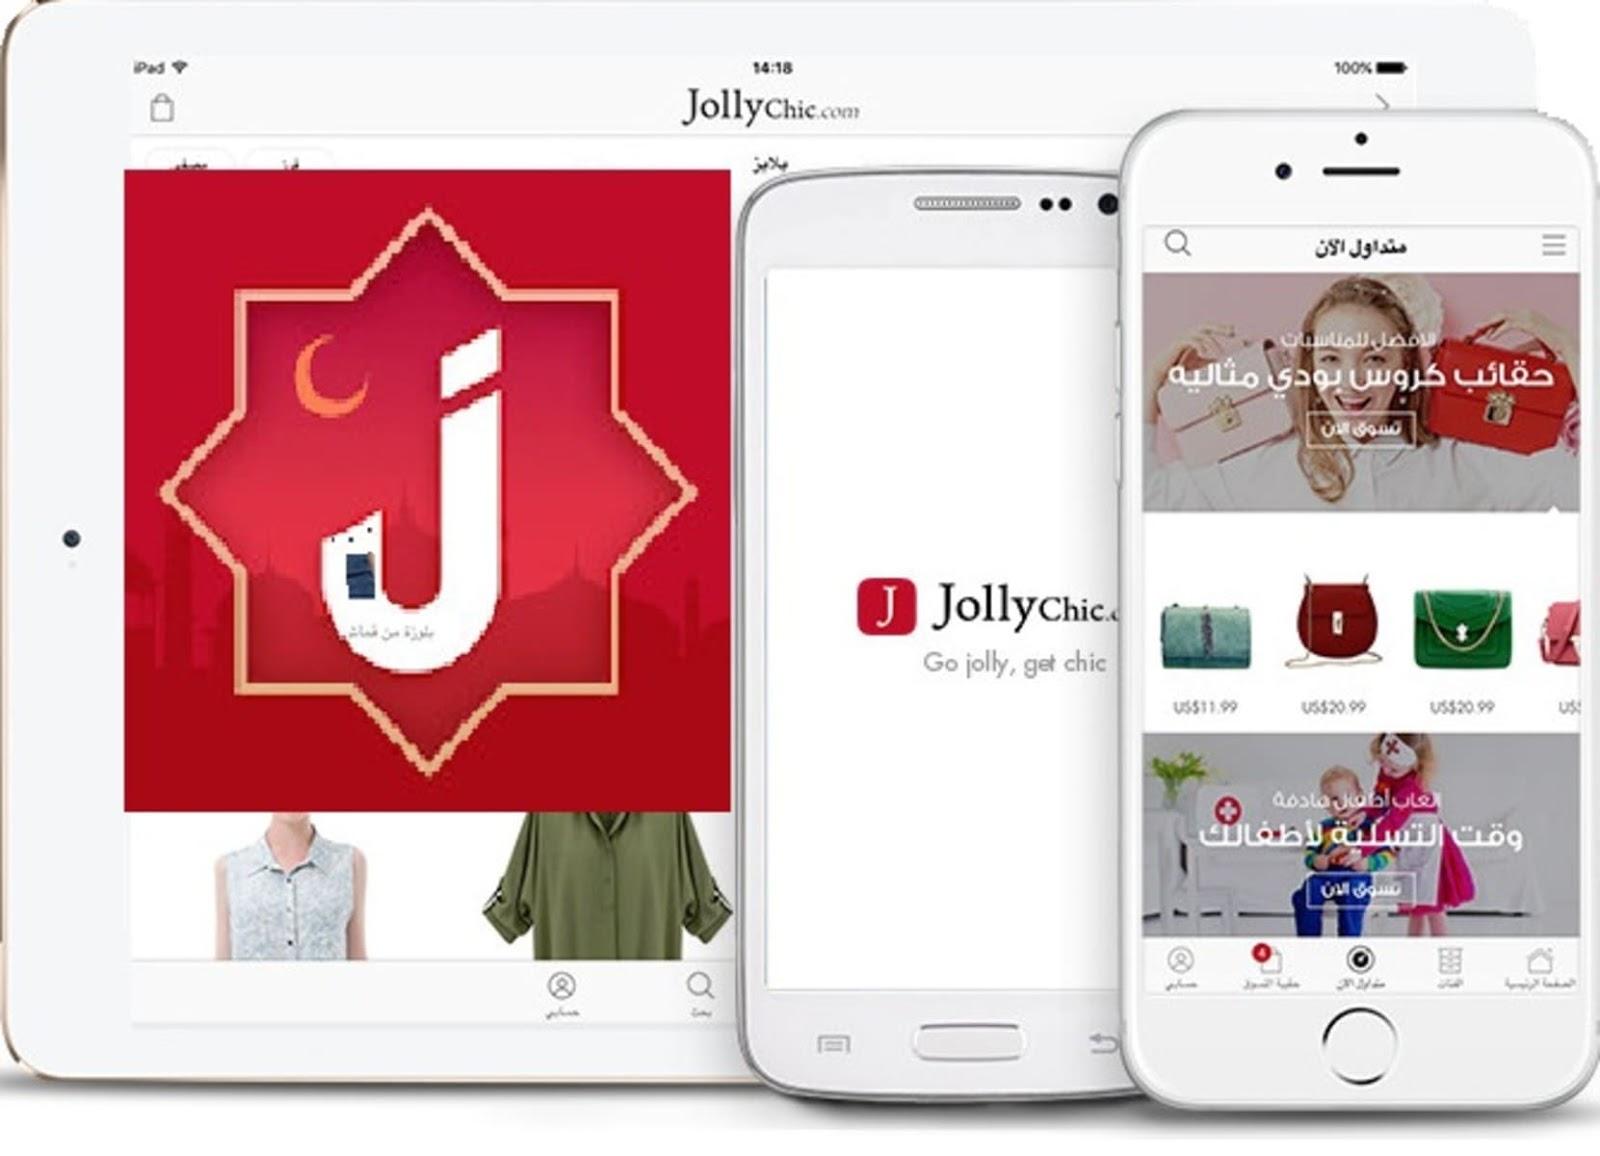 تنزيل جولي شيك للأندرويد والأيفون تطبيق التسوق من الانترنت